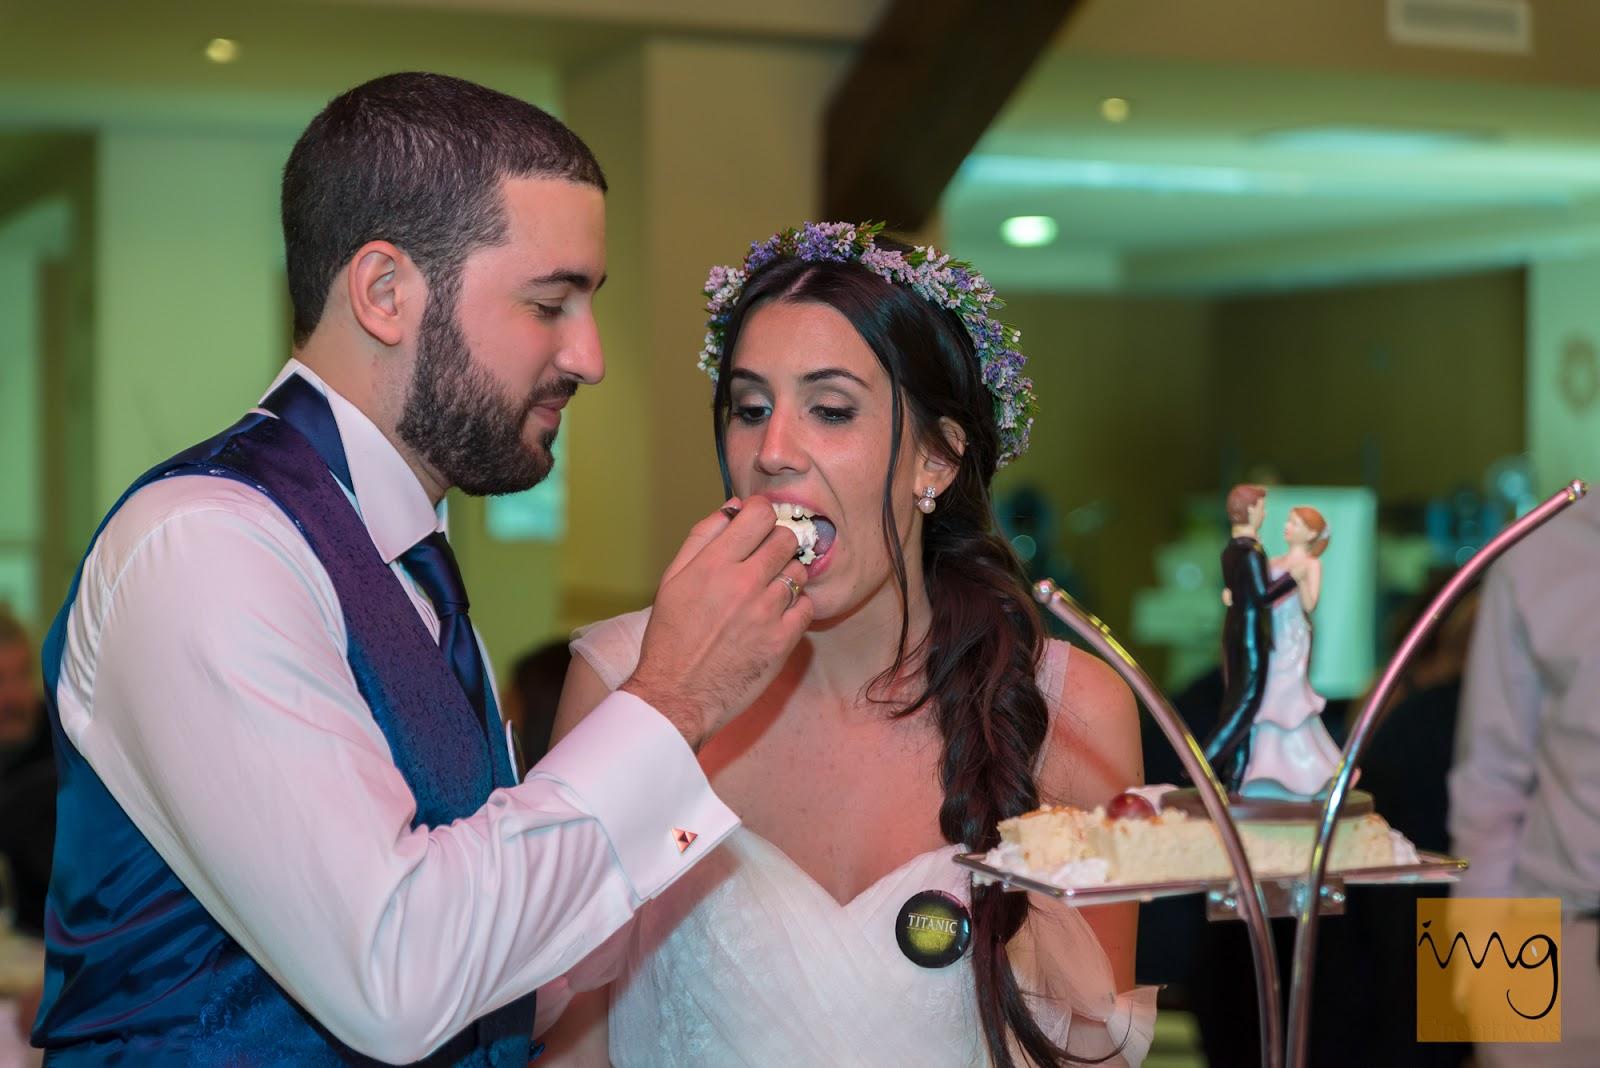 Fotografía de boda en el momento de la tarta